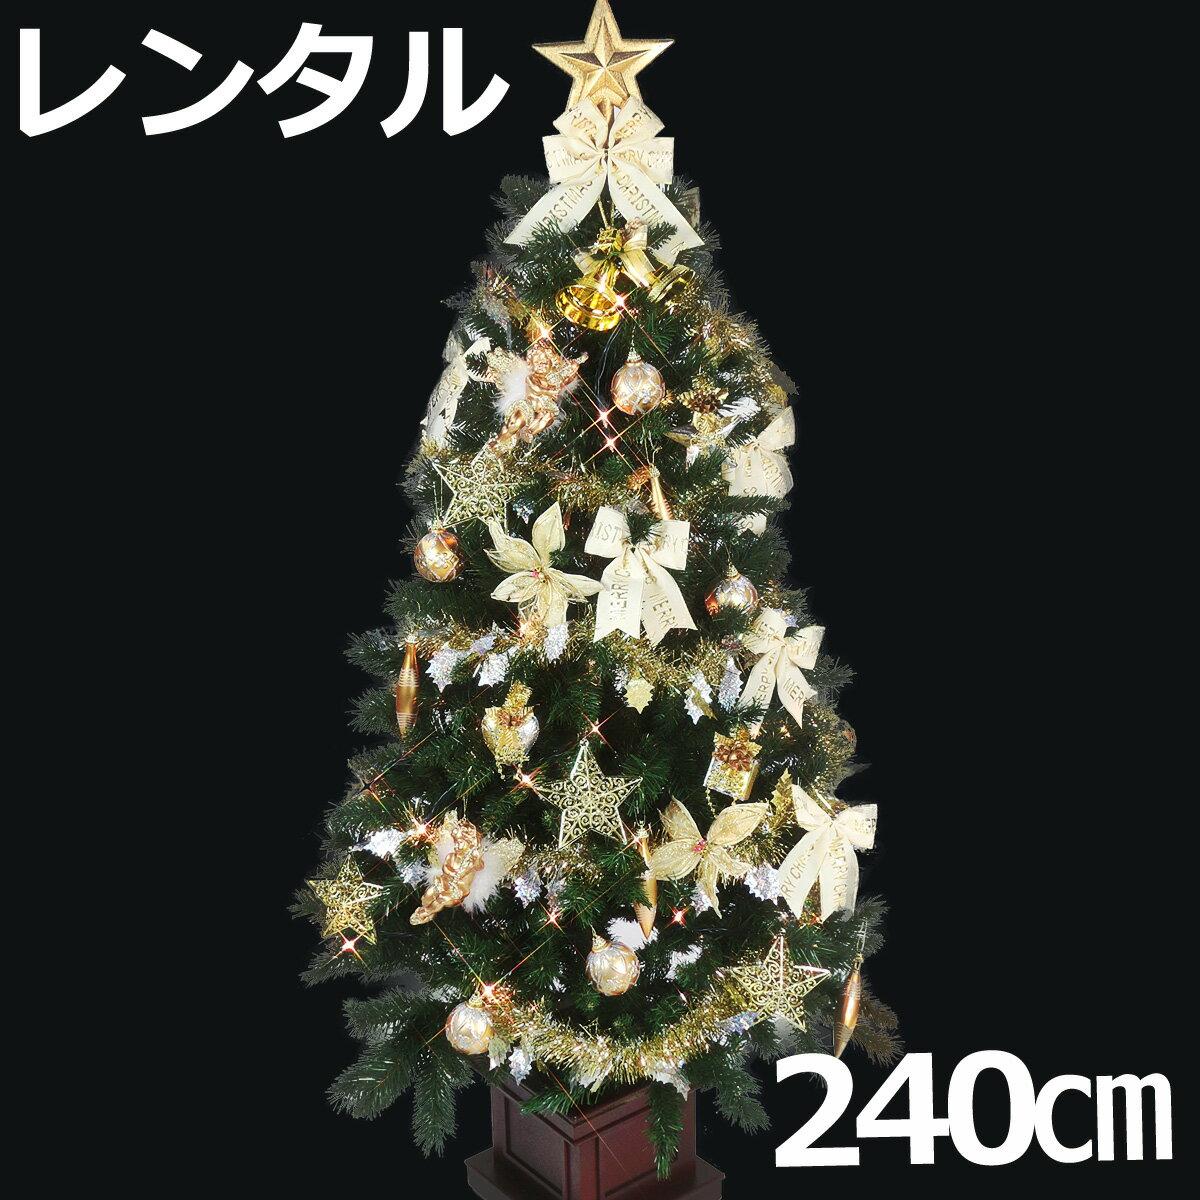 【レンタル】 クリスマスツリー セット 240cm 木製ポット付 ゴールド&アイボリー 【往復 送料無料】 クリスマスツリー レンタル fy16REN07